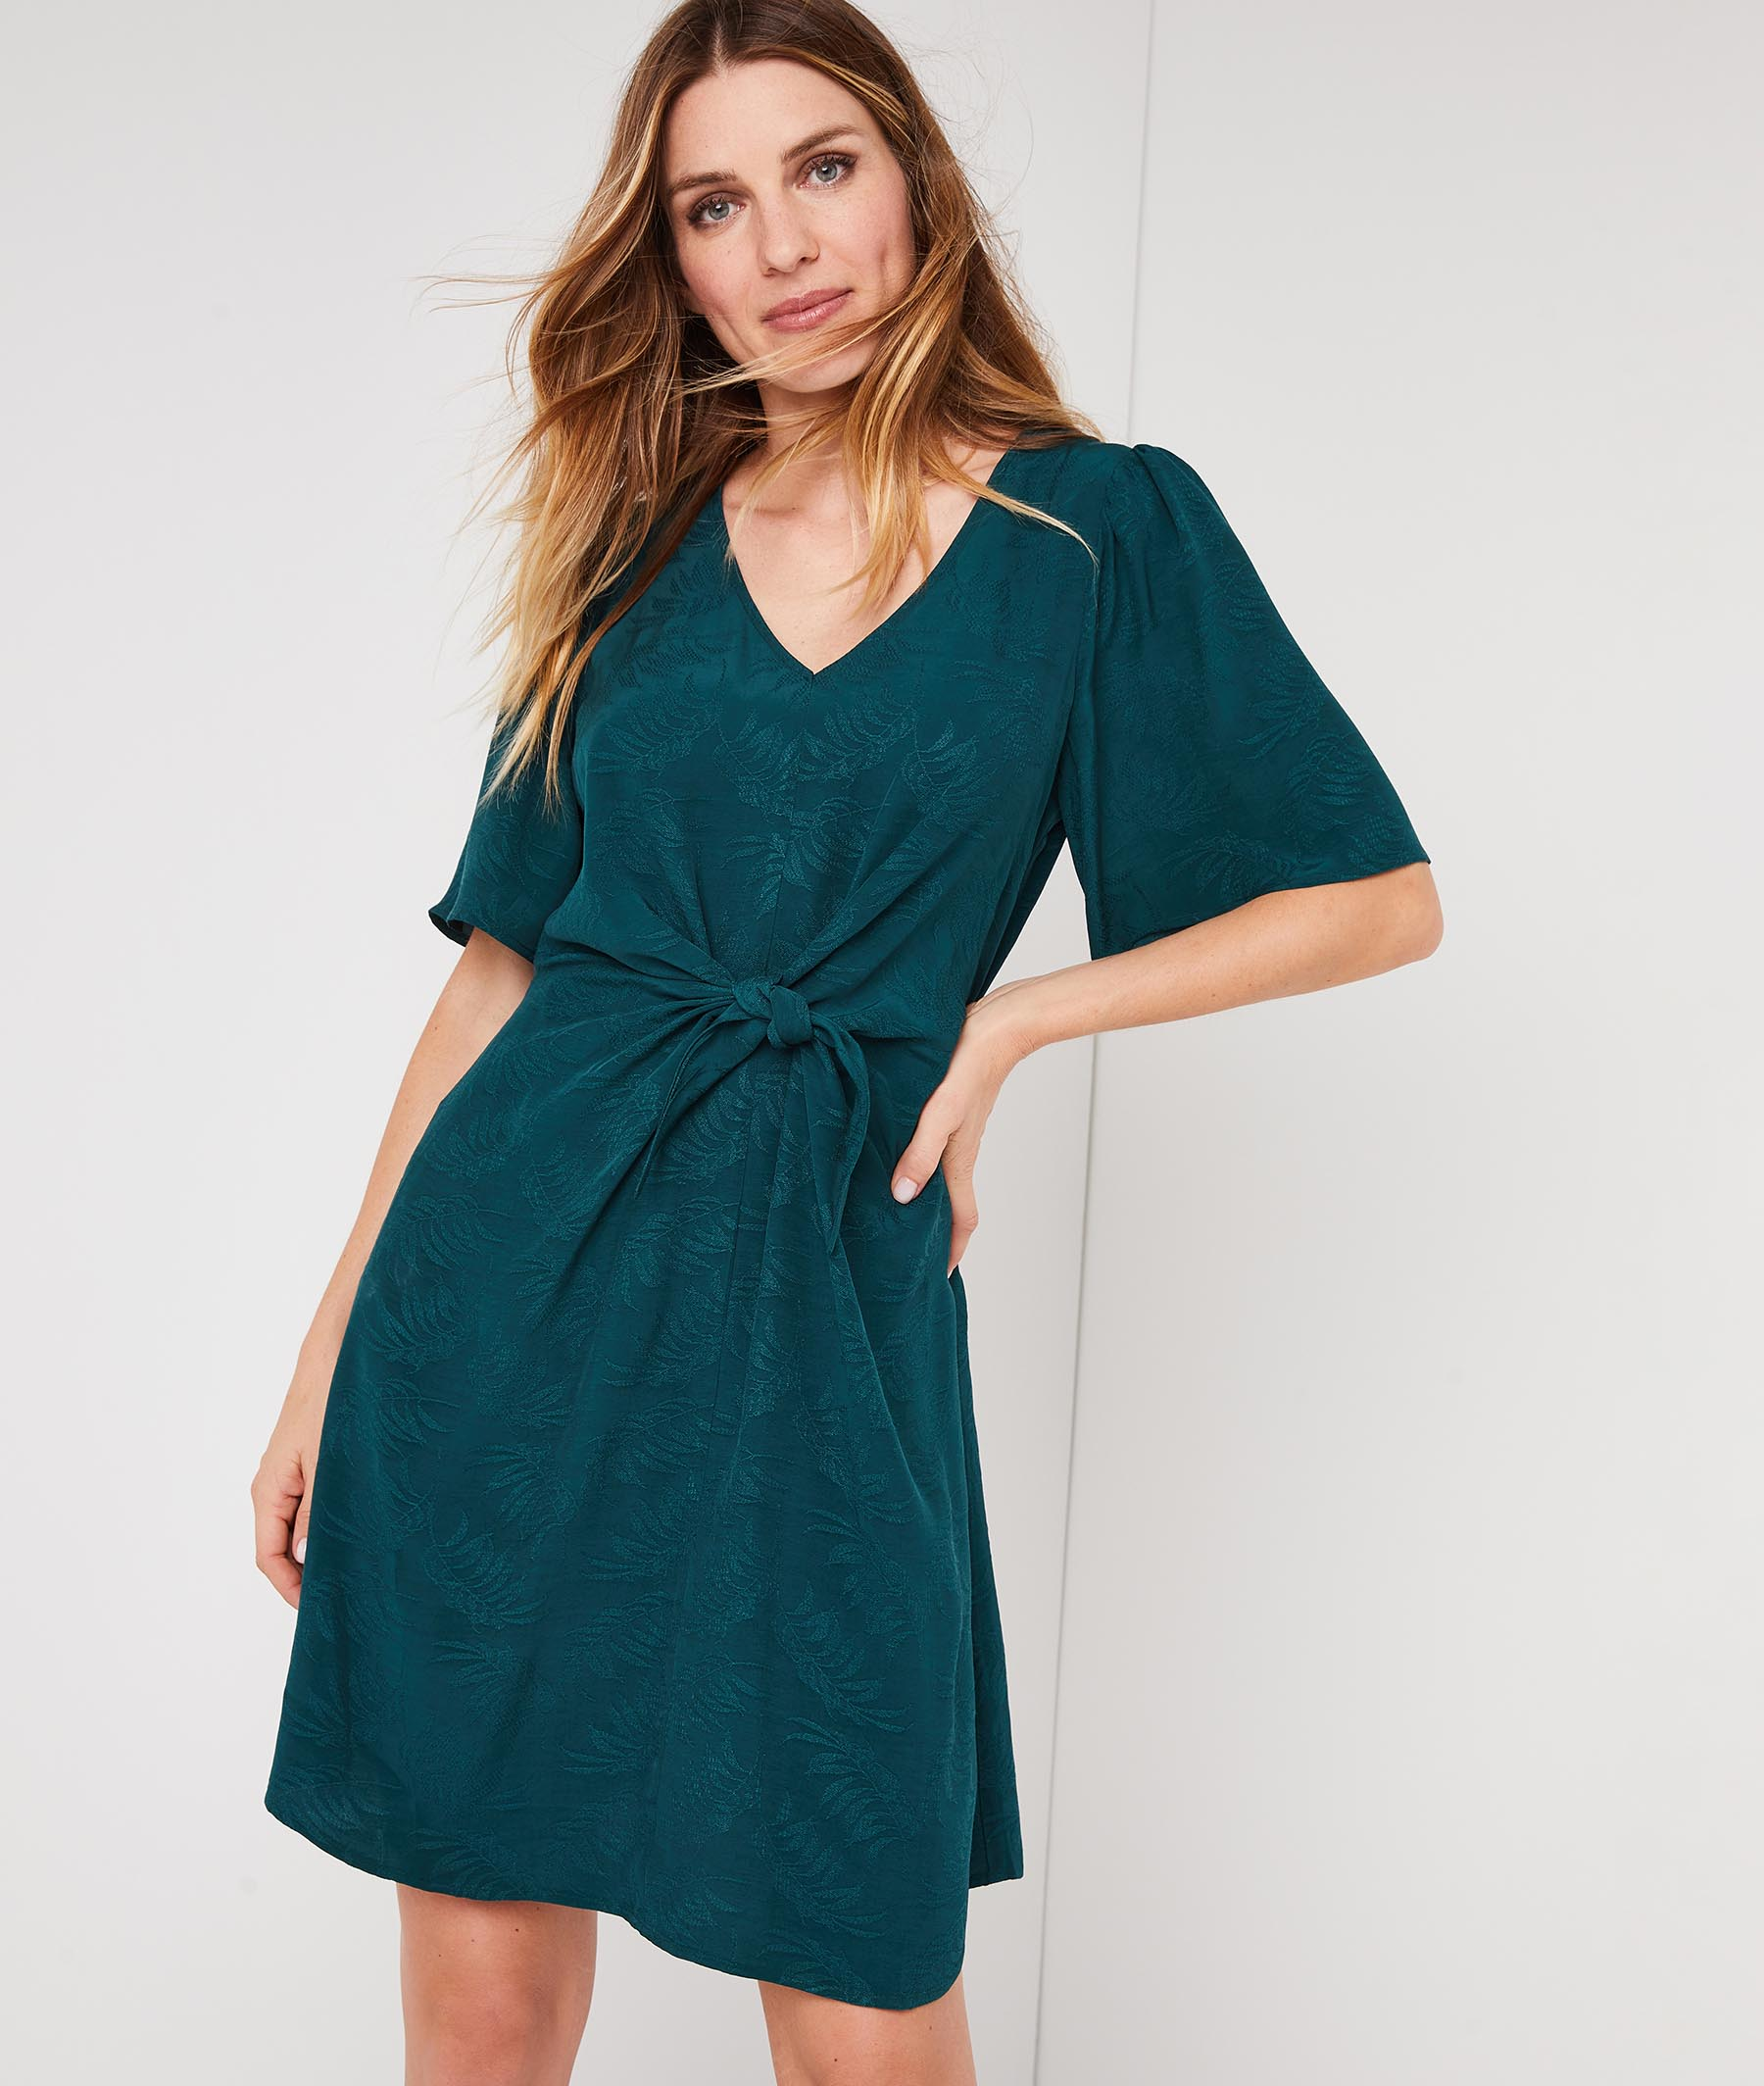 Robe verte unie avec noeud à la taille VERT